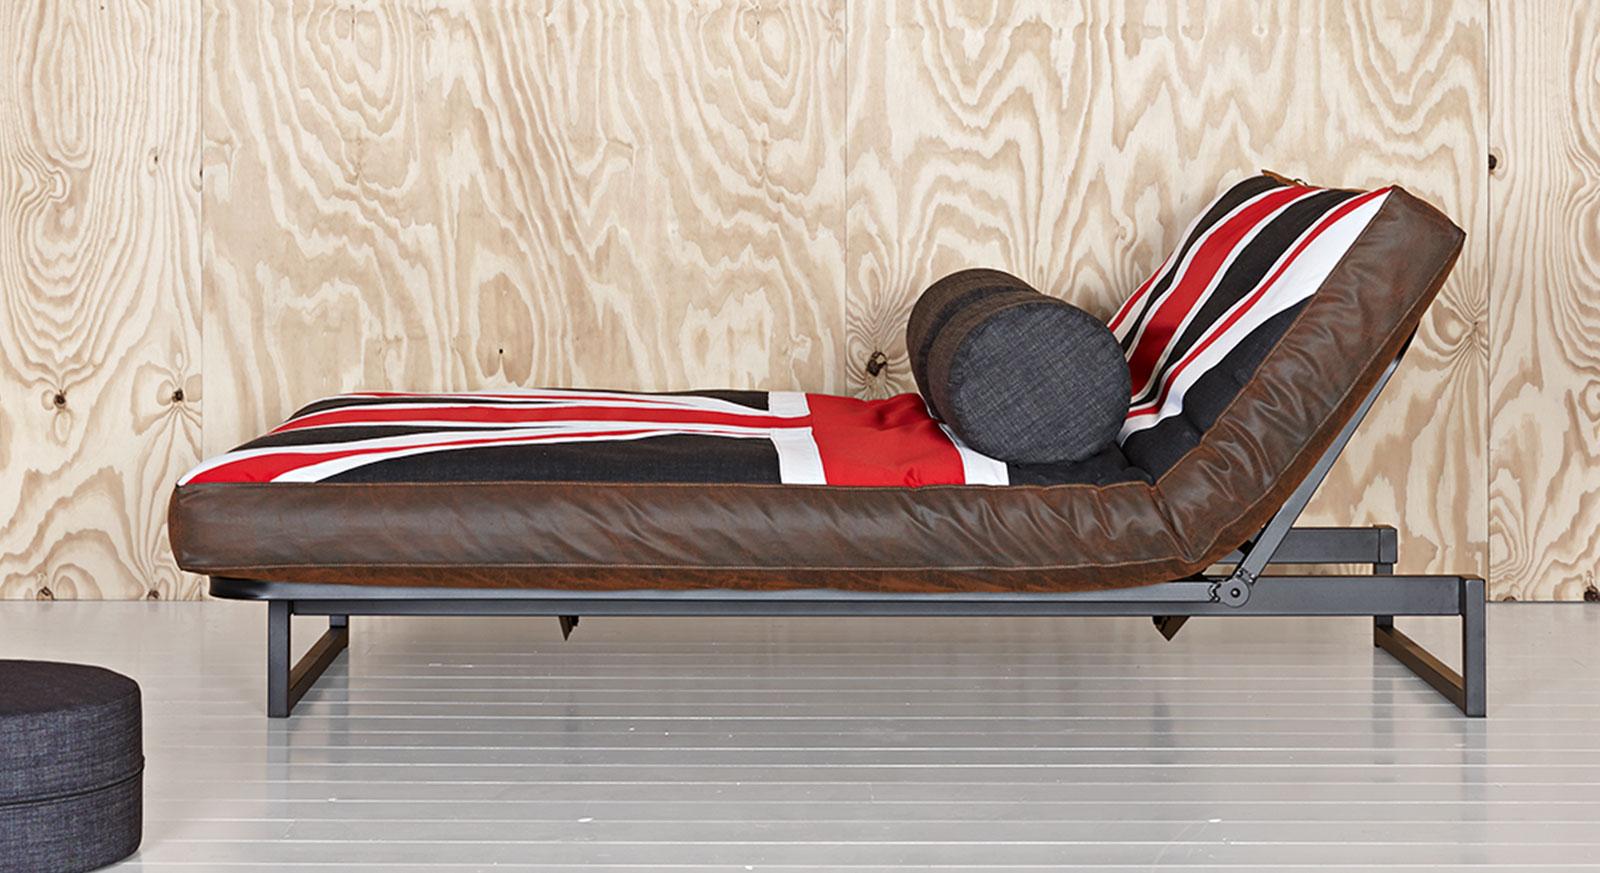 schlafsofa mit britischer flagge als motiv rockstar deluxe. Black Bedroom Furniture Sets. Home Design Ideas